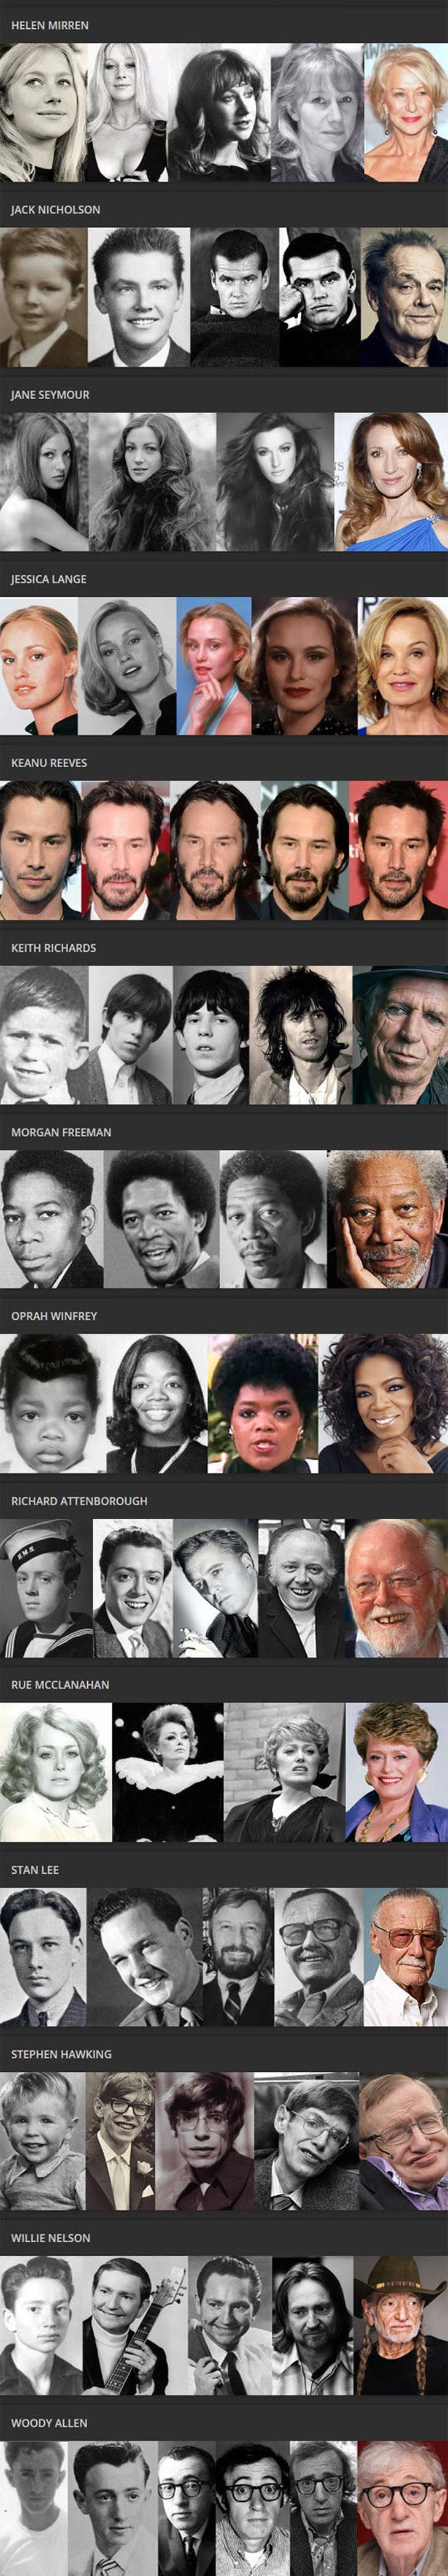 Alguns artistas que mudaram com o tempo e outros que nem tanto